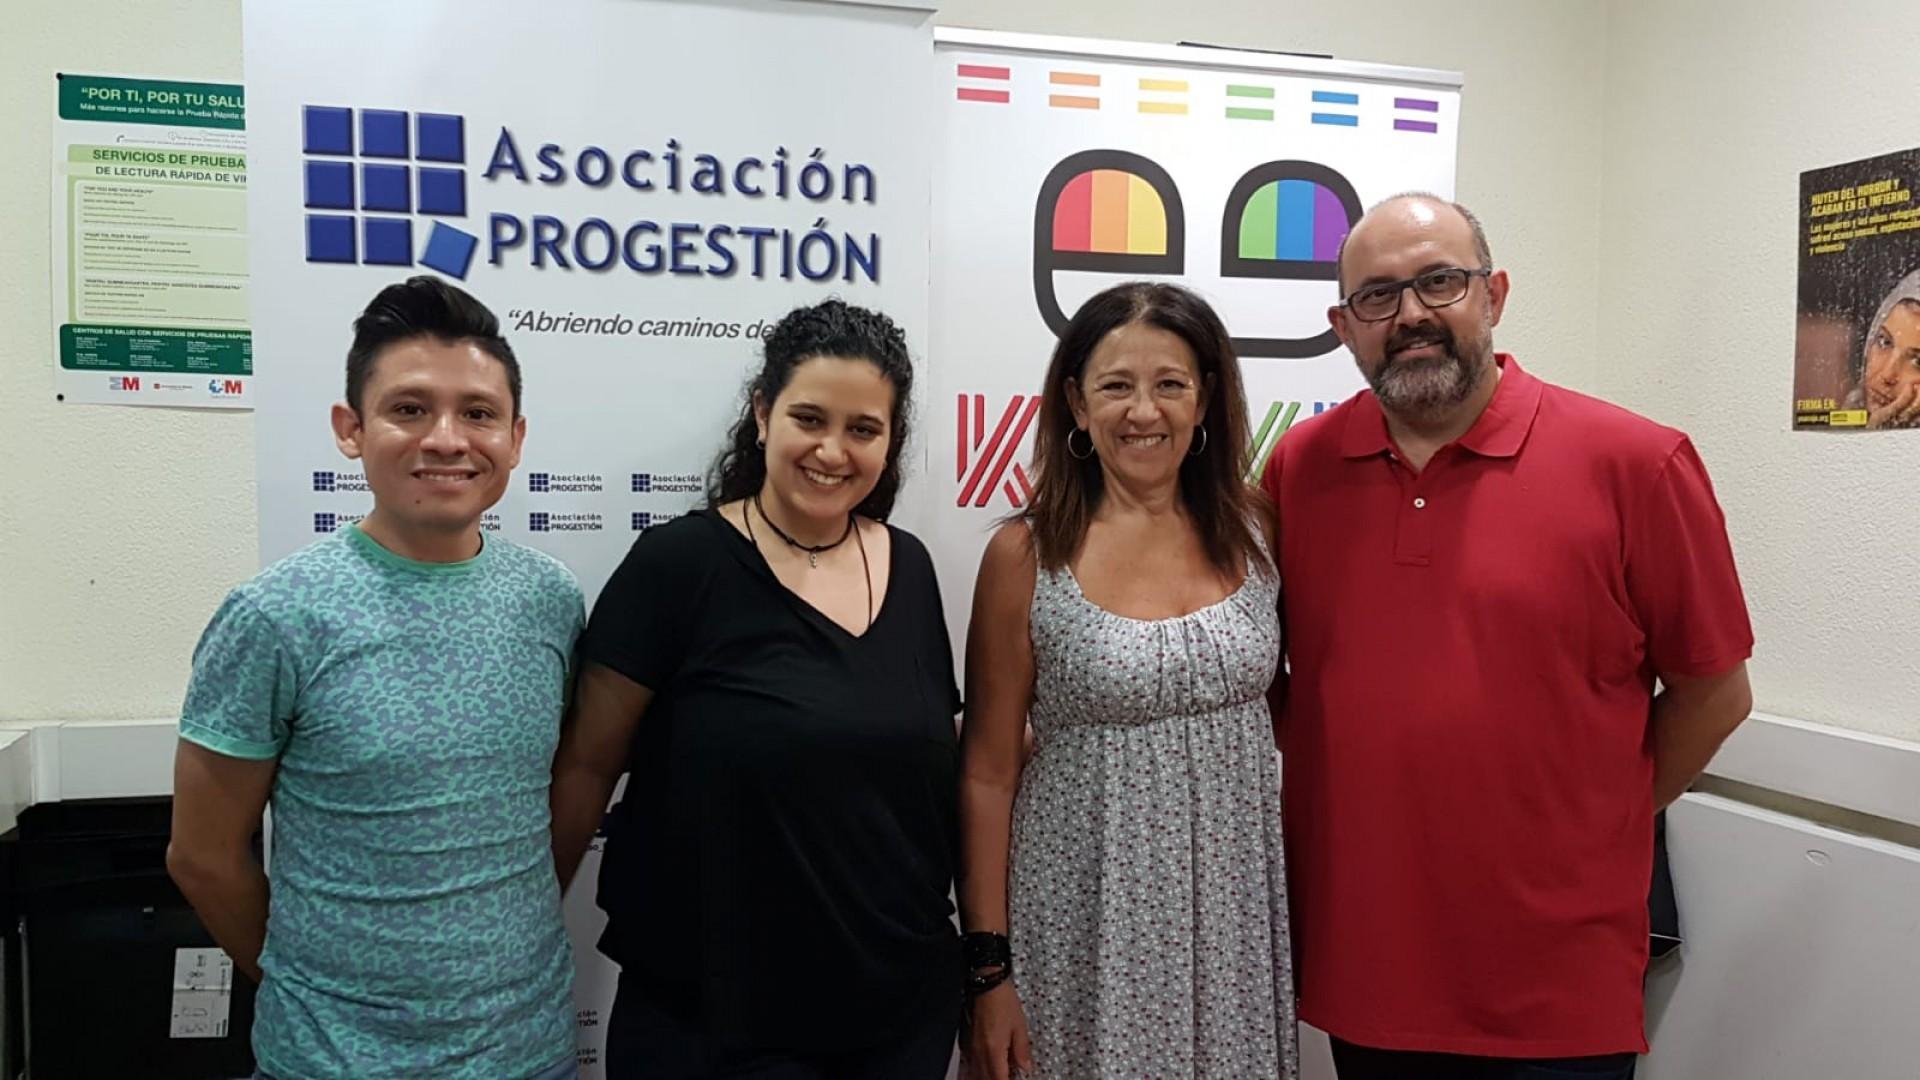 La Asociación Progestión y Kifkif impulsarán iniciativas sociales en favor de la comunidad LGTBI migrante, asilada y refugiada